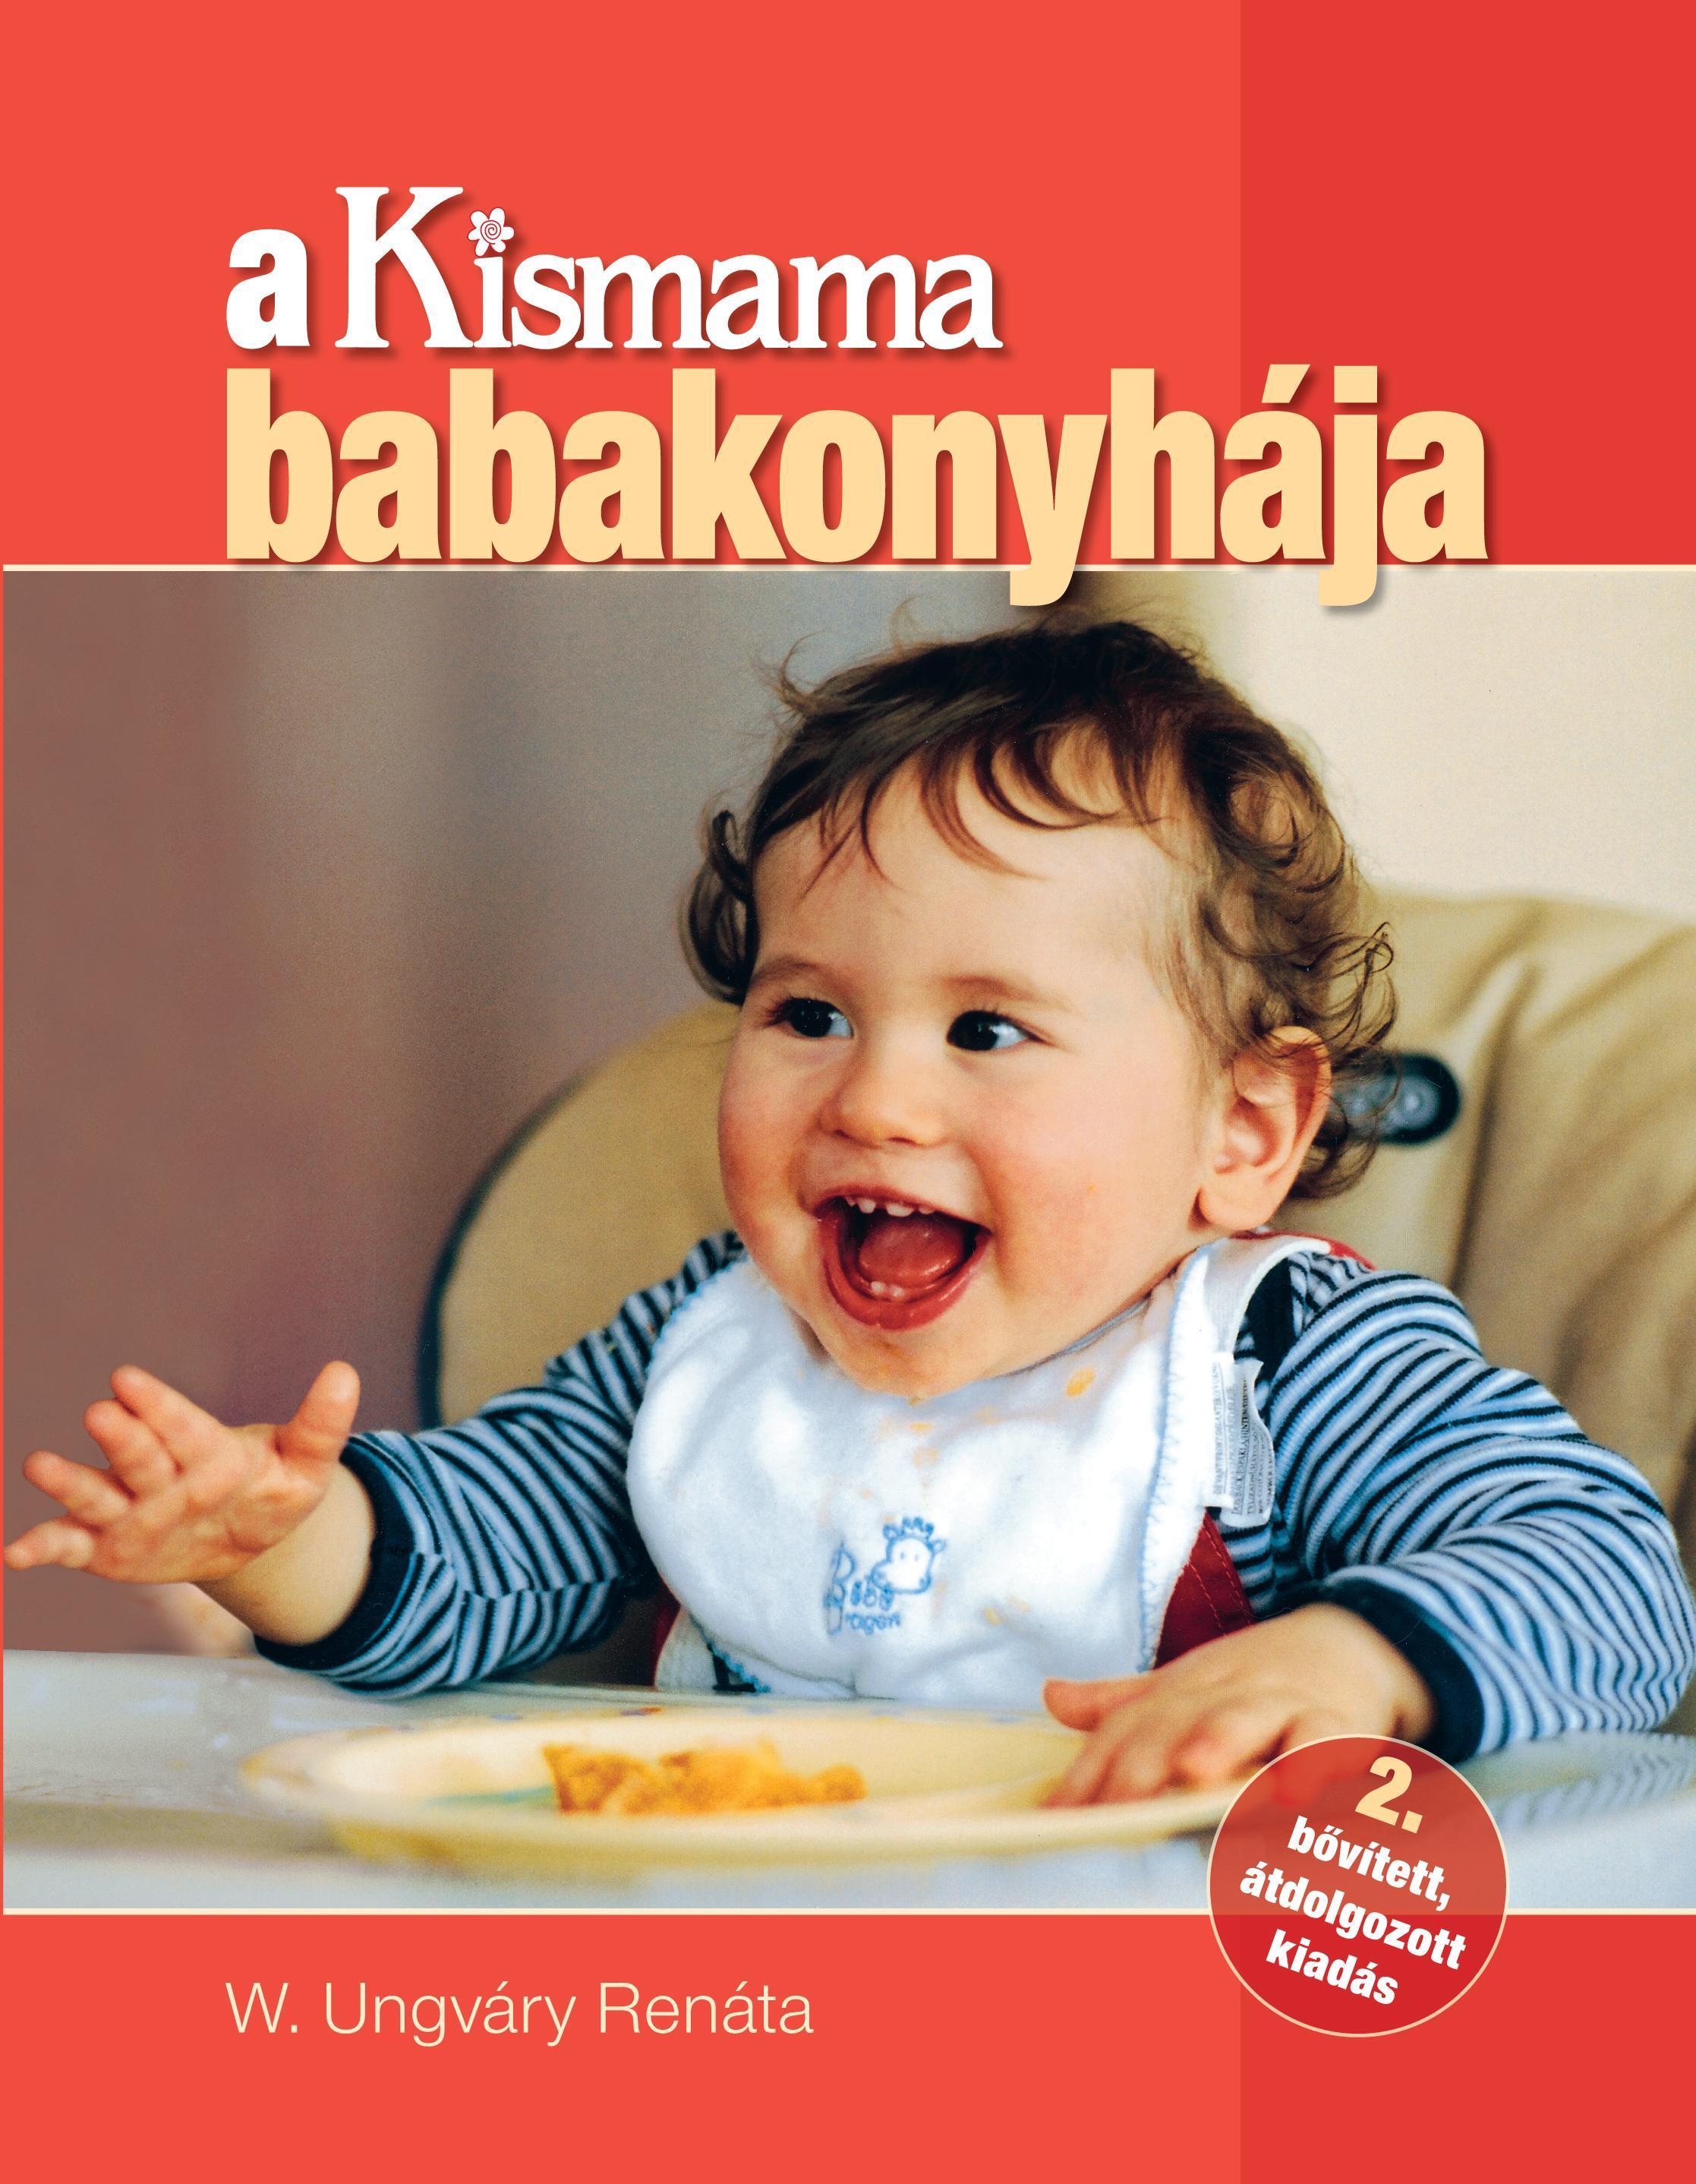 A KISMAMA BABAKONYHÁJA - (2. BŐVÍTETT, ÁTDOLGOZOTT KIADÁS)